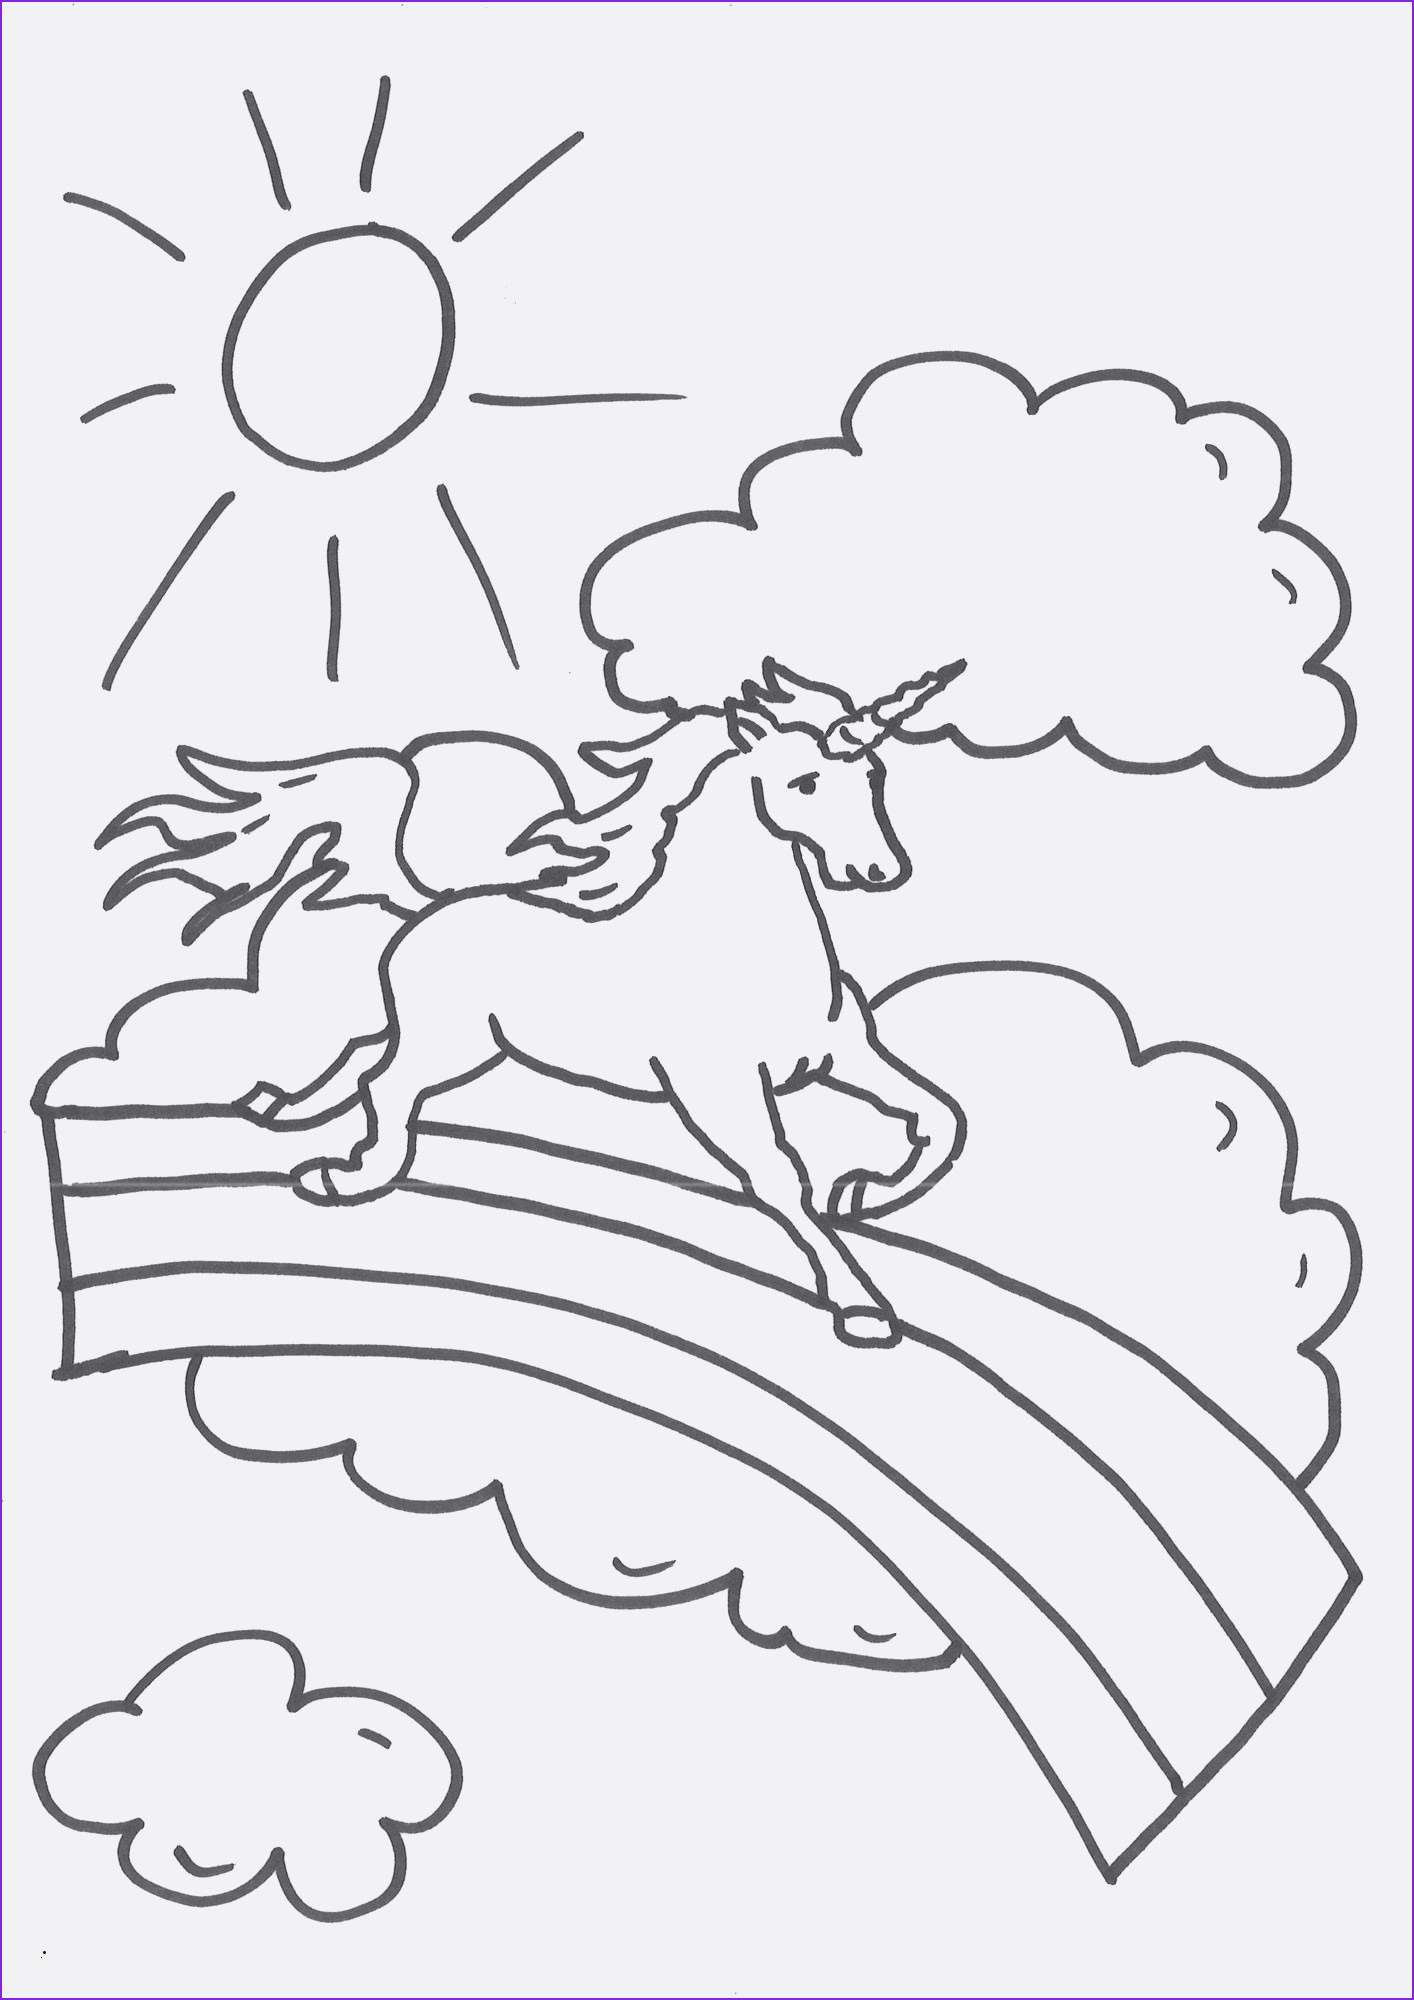 Ausmalbilder Prinzessin Frisch Echte Pferde Bilder Zum Ausdrucken Galerie Fotografieren